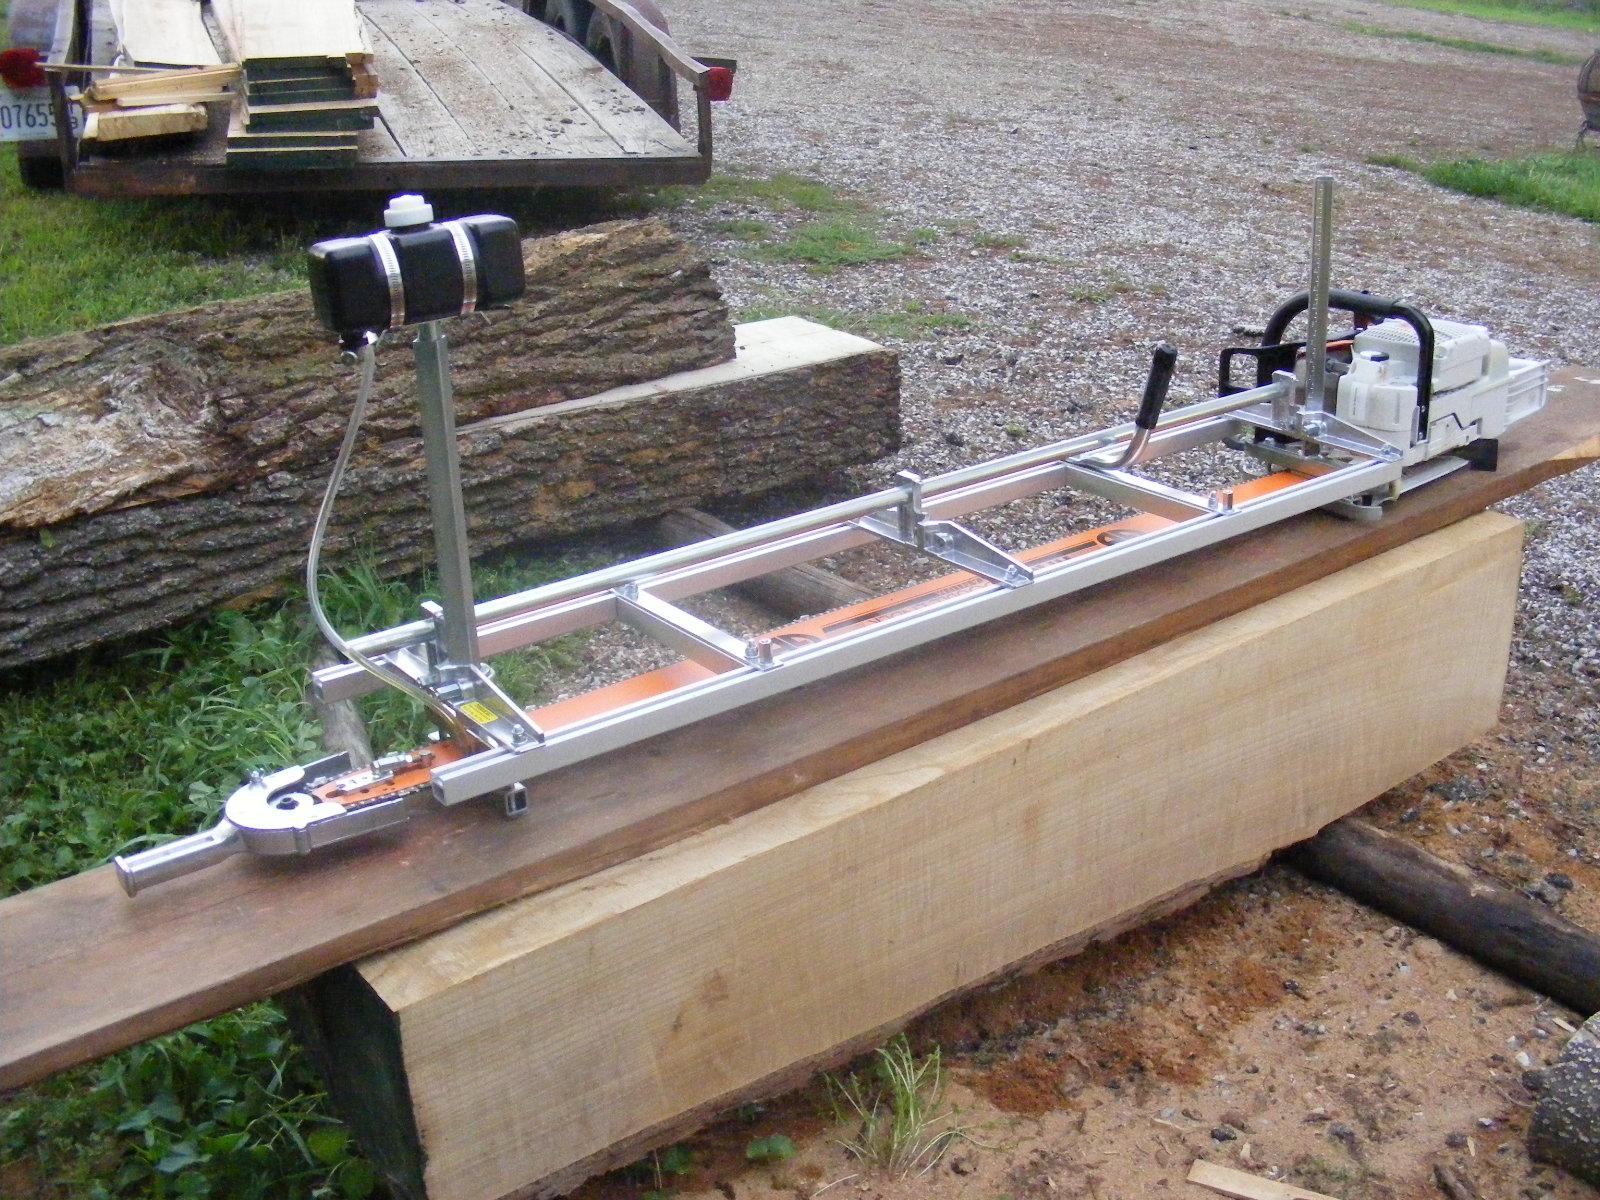 Alaskan Sawmill Plans